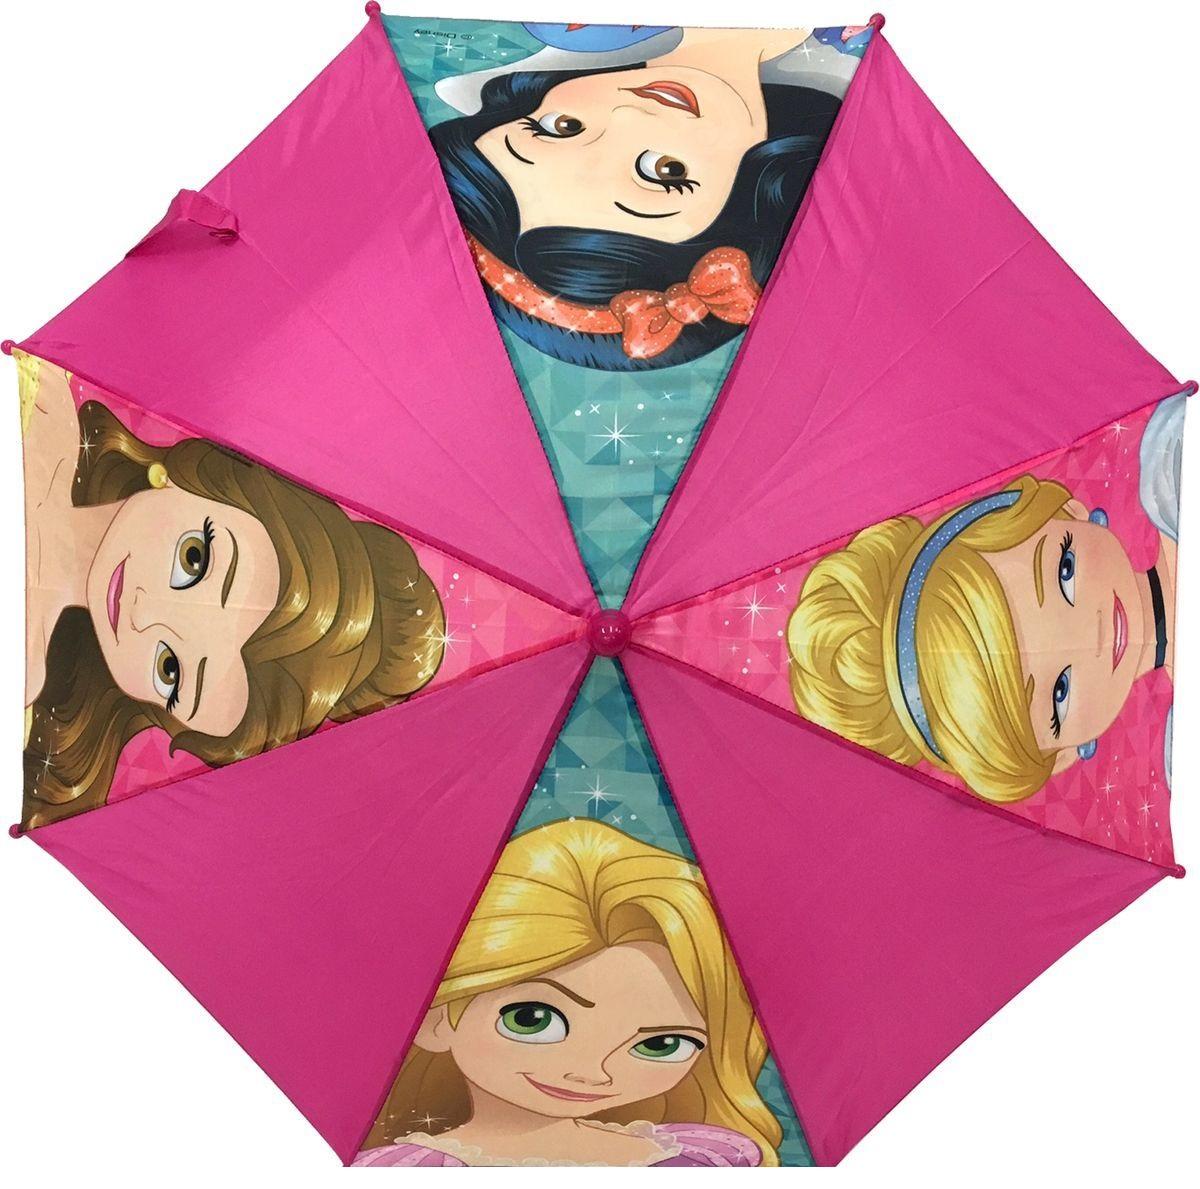 Зонт-трость из серии Disney Princess, 37,5 см.Детские зонты<br>Зонт-трость из серии Disney Princess, 37,5 см.<br>